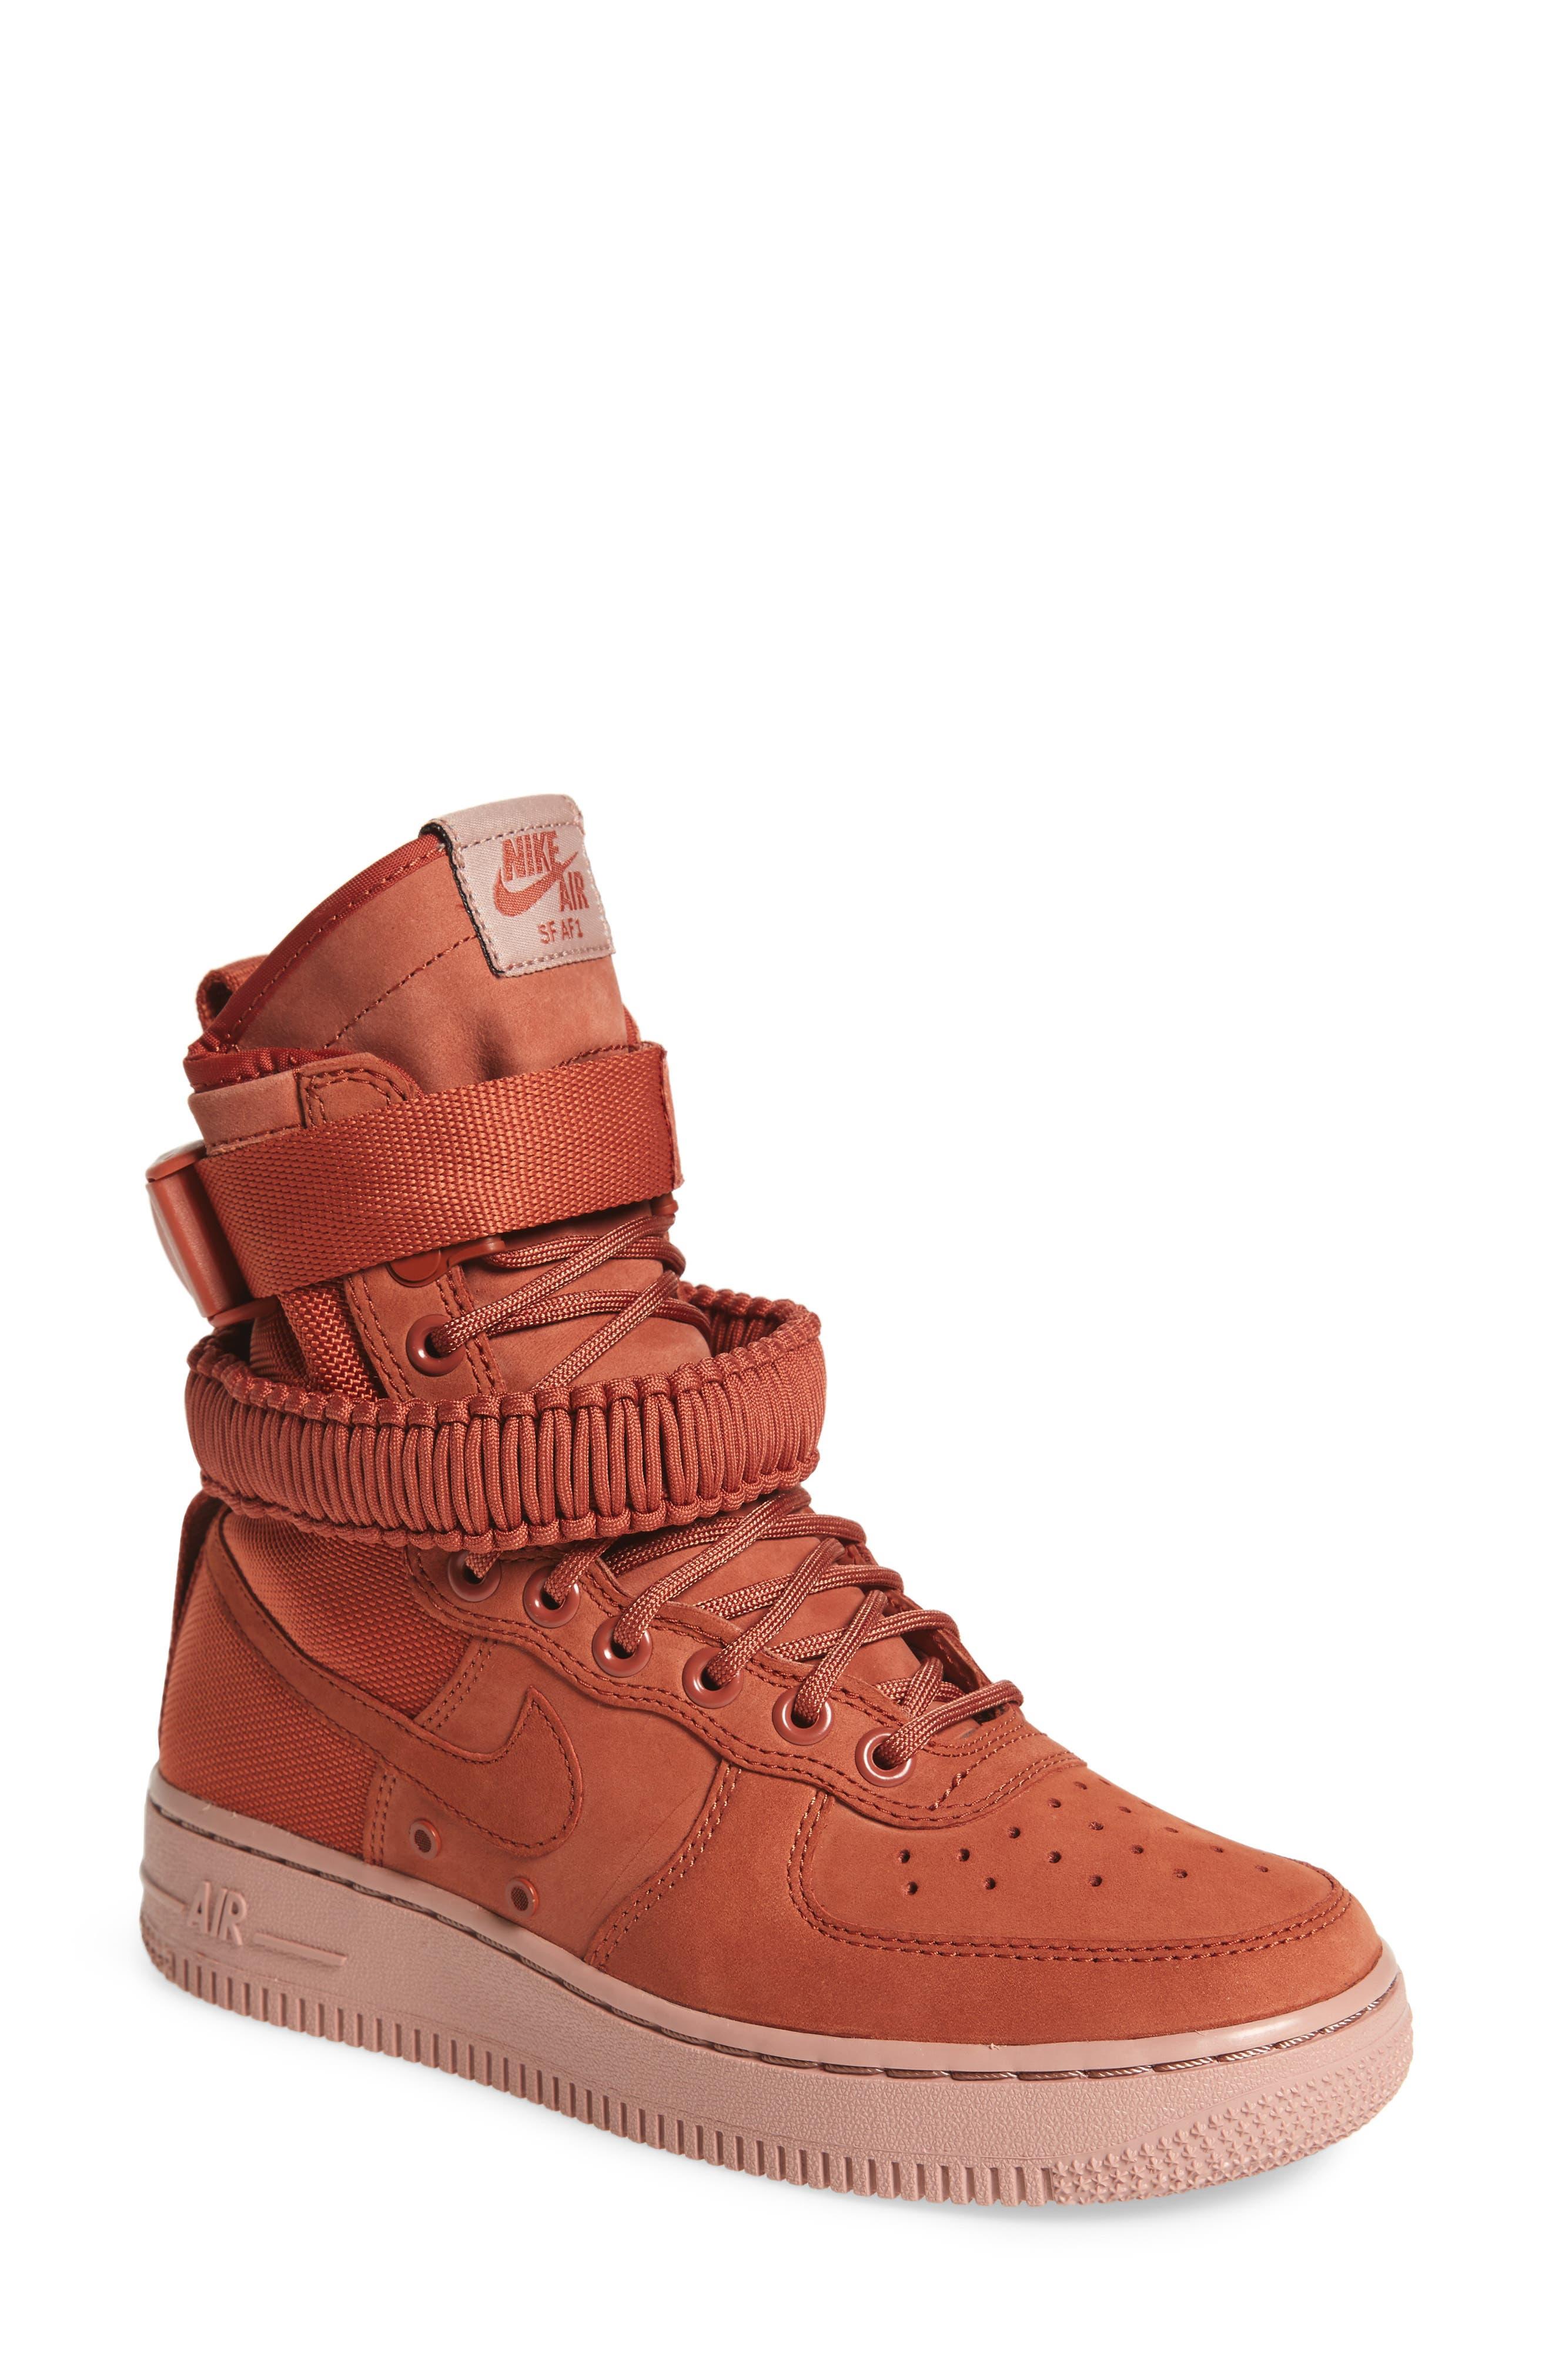 SF Air Force 1 High Top Sneaker,                             Main thumbnail 1, color,                             Dusty Peach/ Dusty Peach